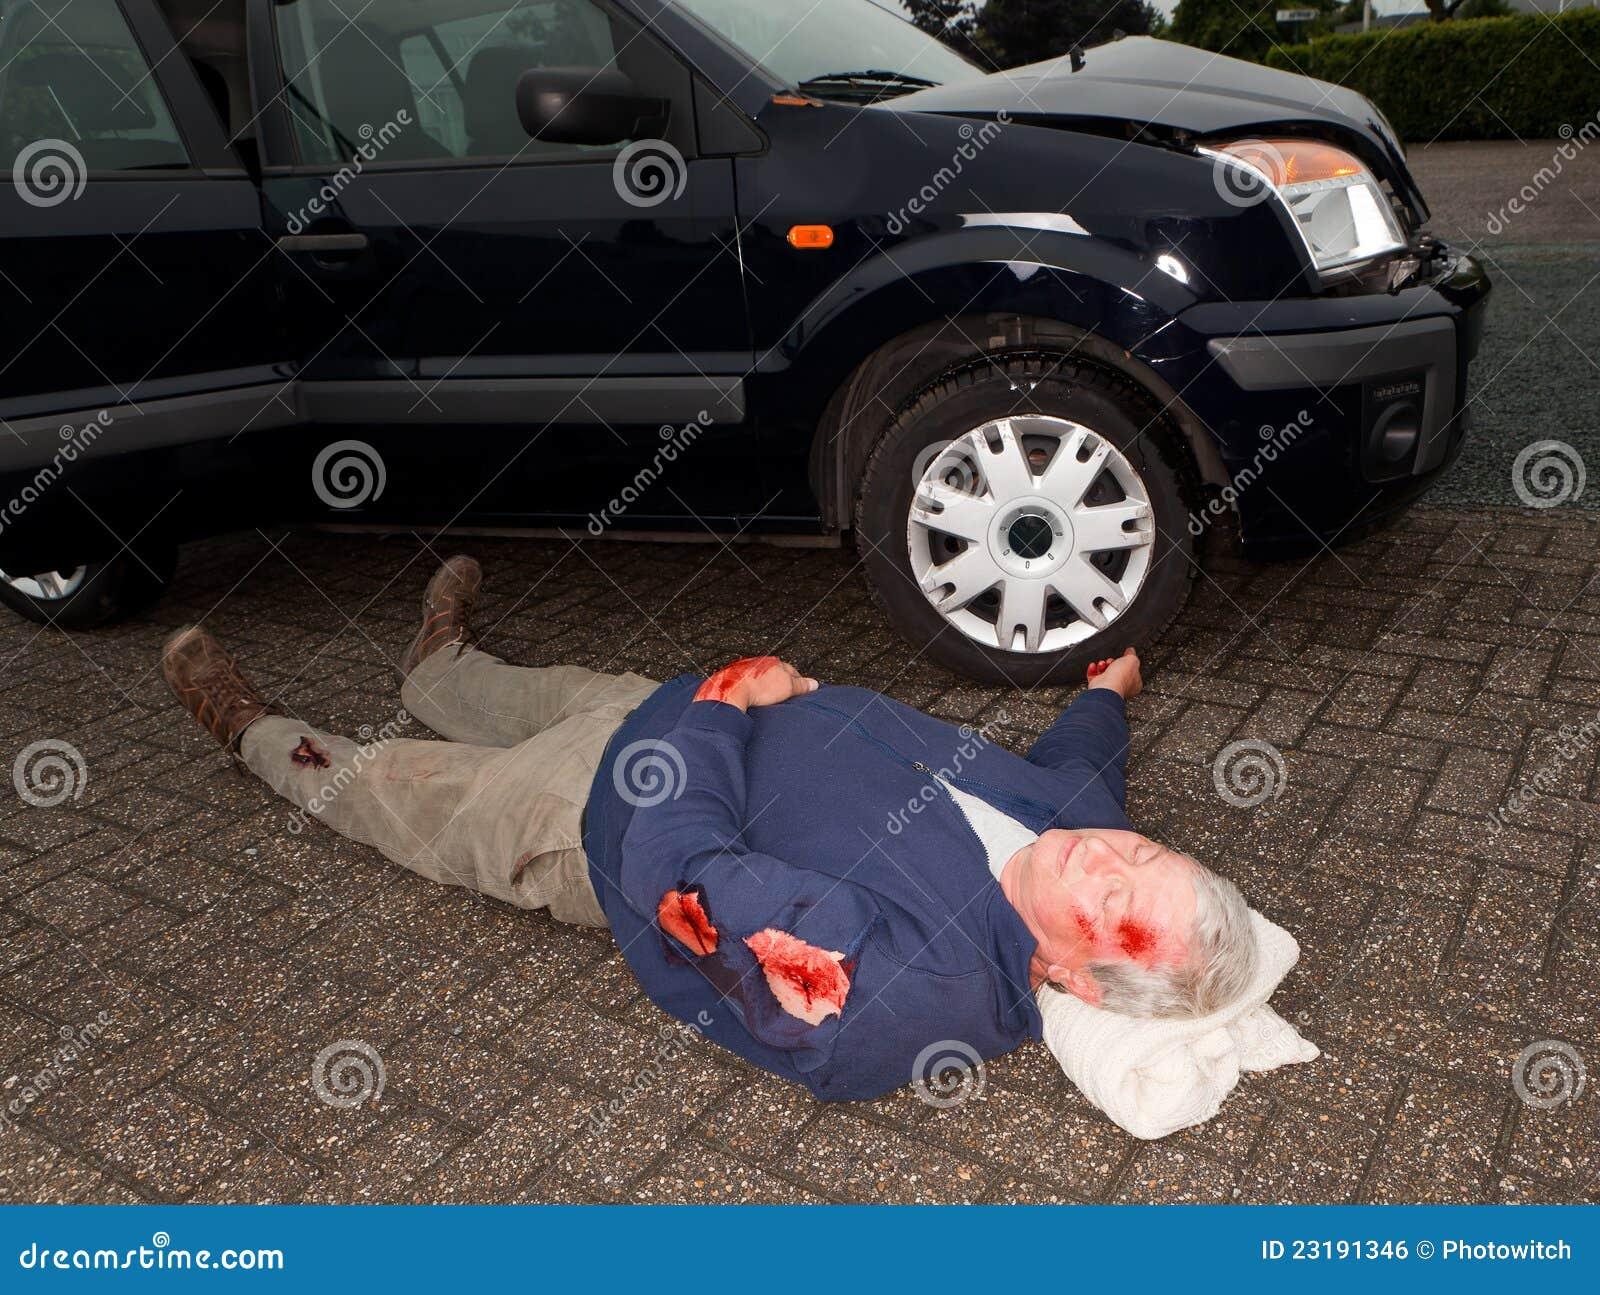 Horrific Car Accidents Pics